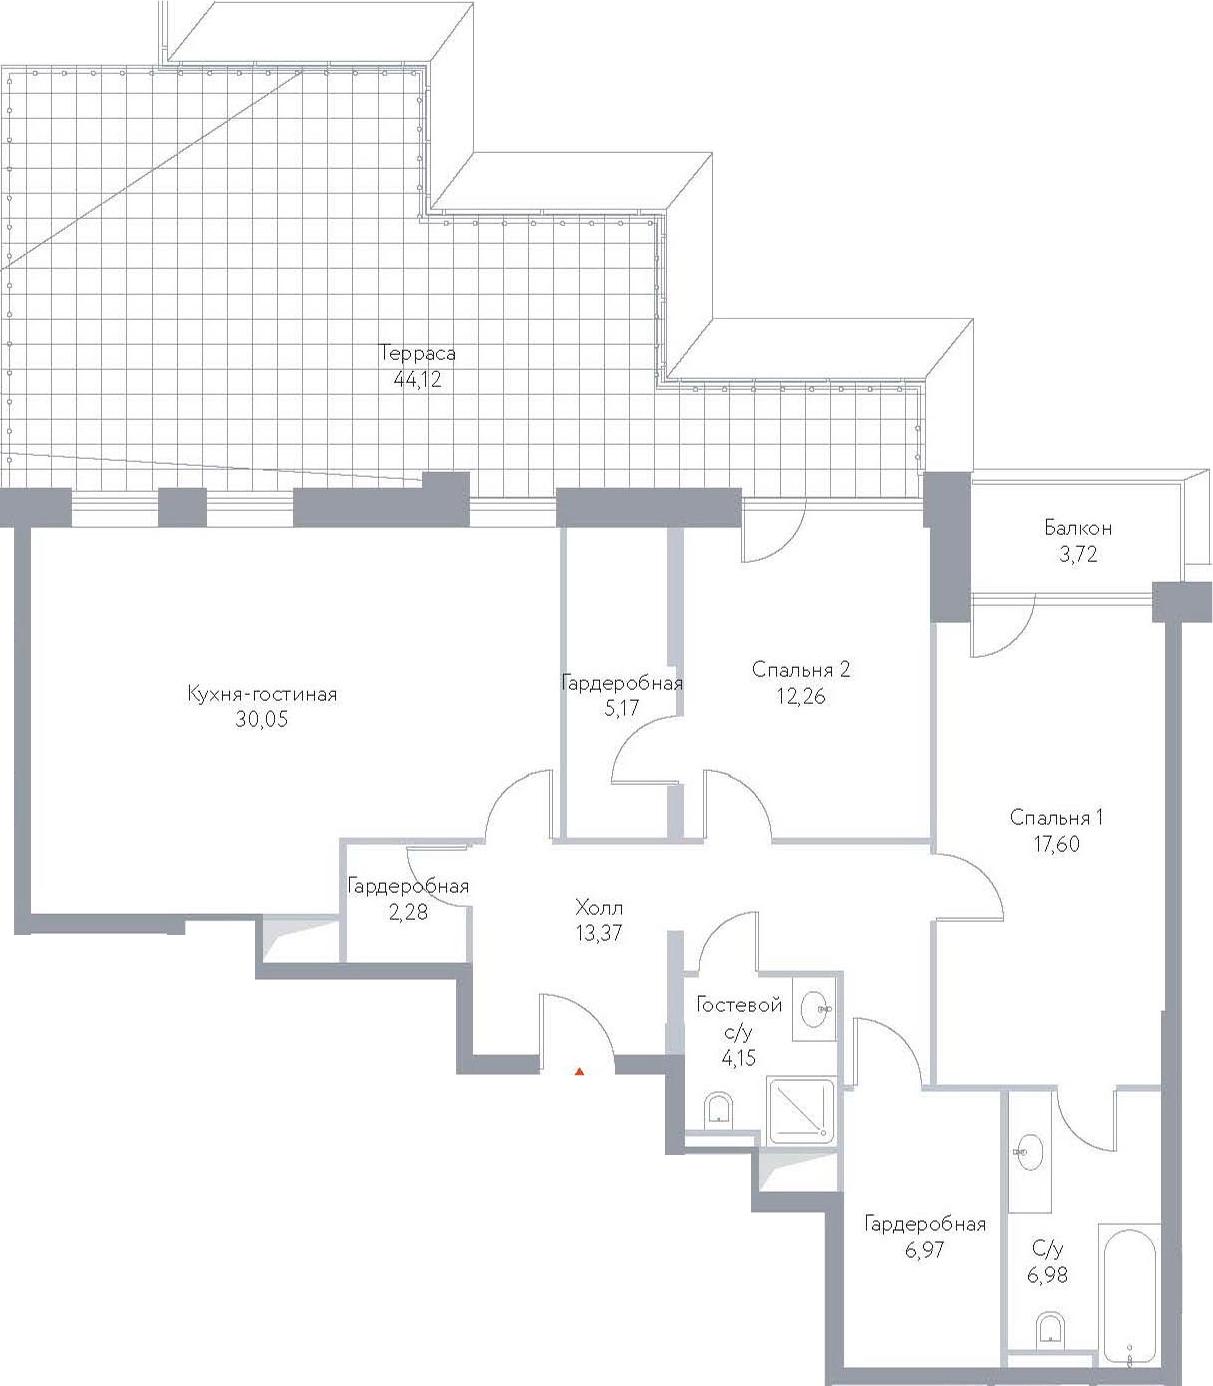 3Е-к.кв, 146.67 м², 14 этаж